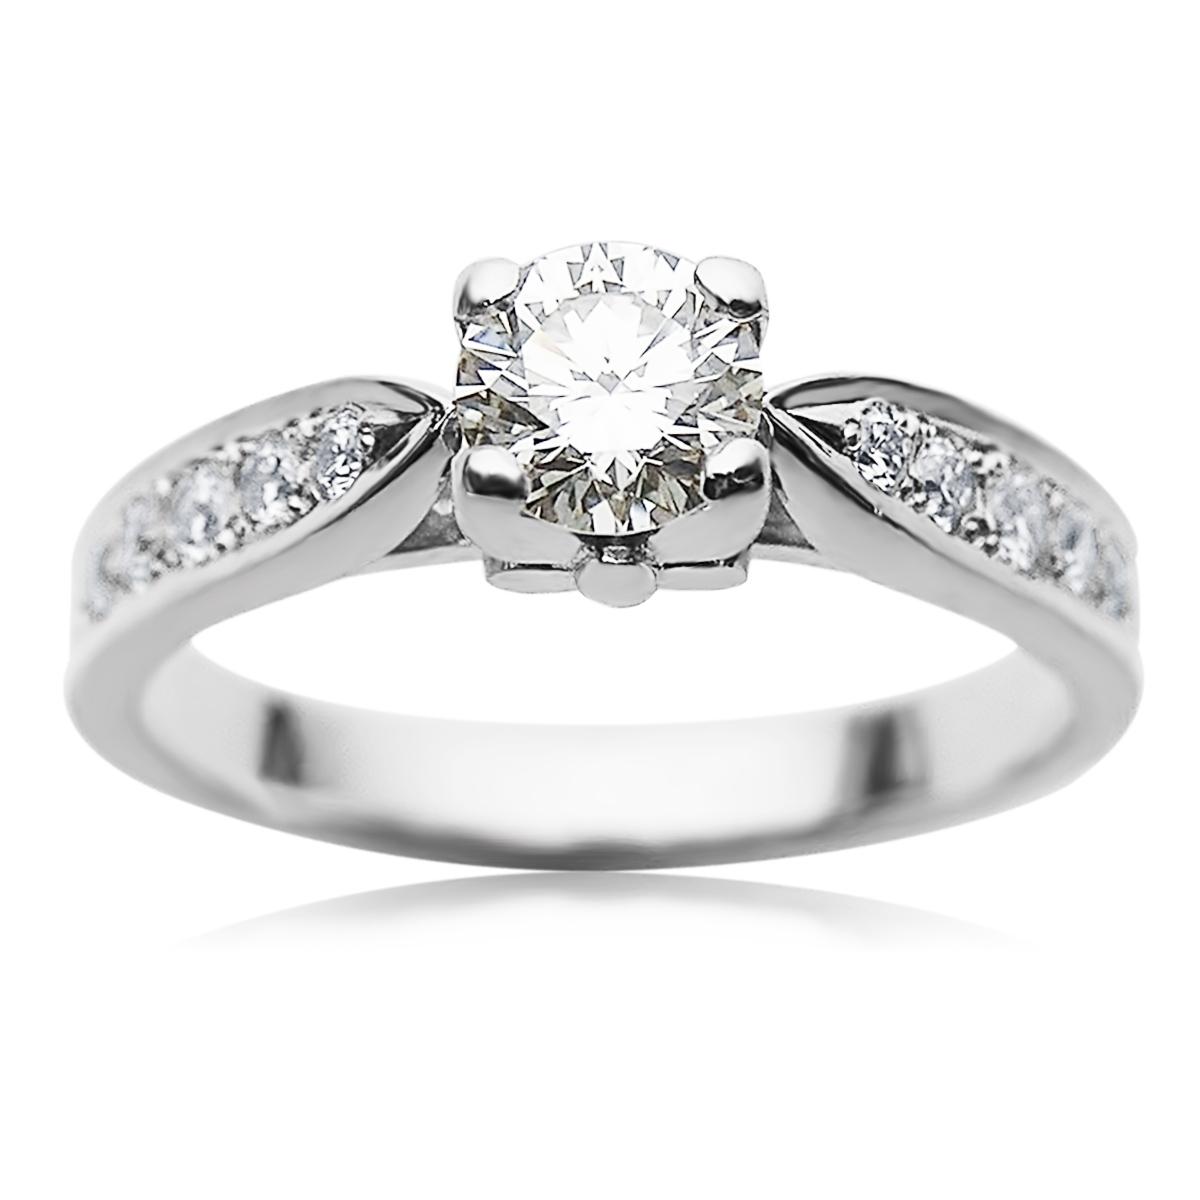 Класична каблучка на заручини з діамантом 0,50 Ct «Принцеса Вікторія»